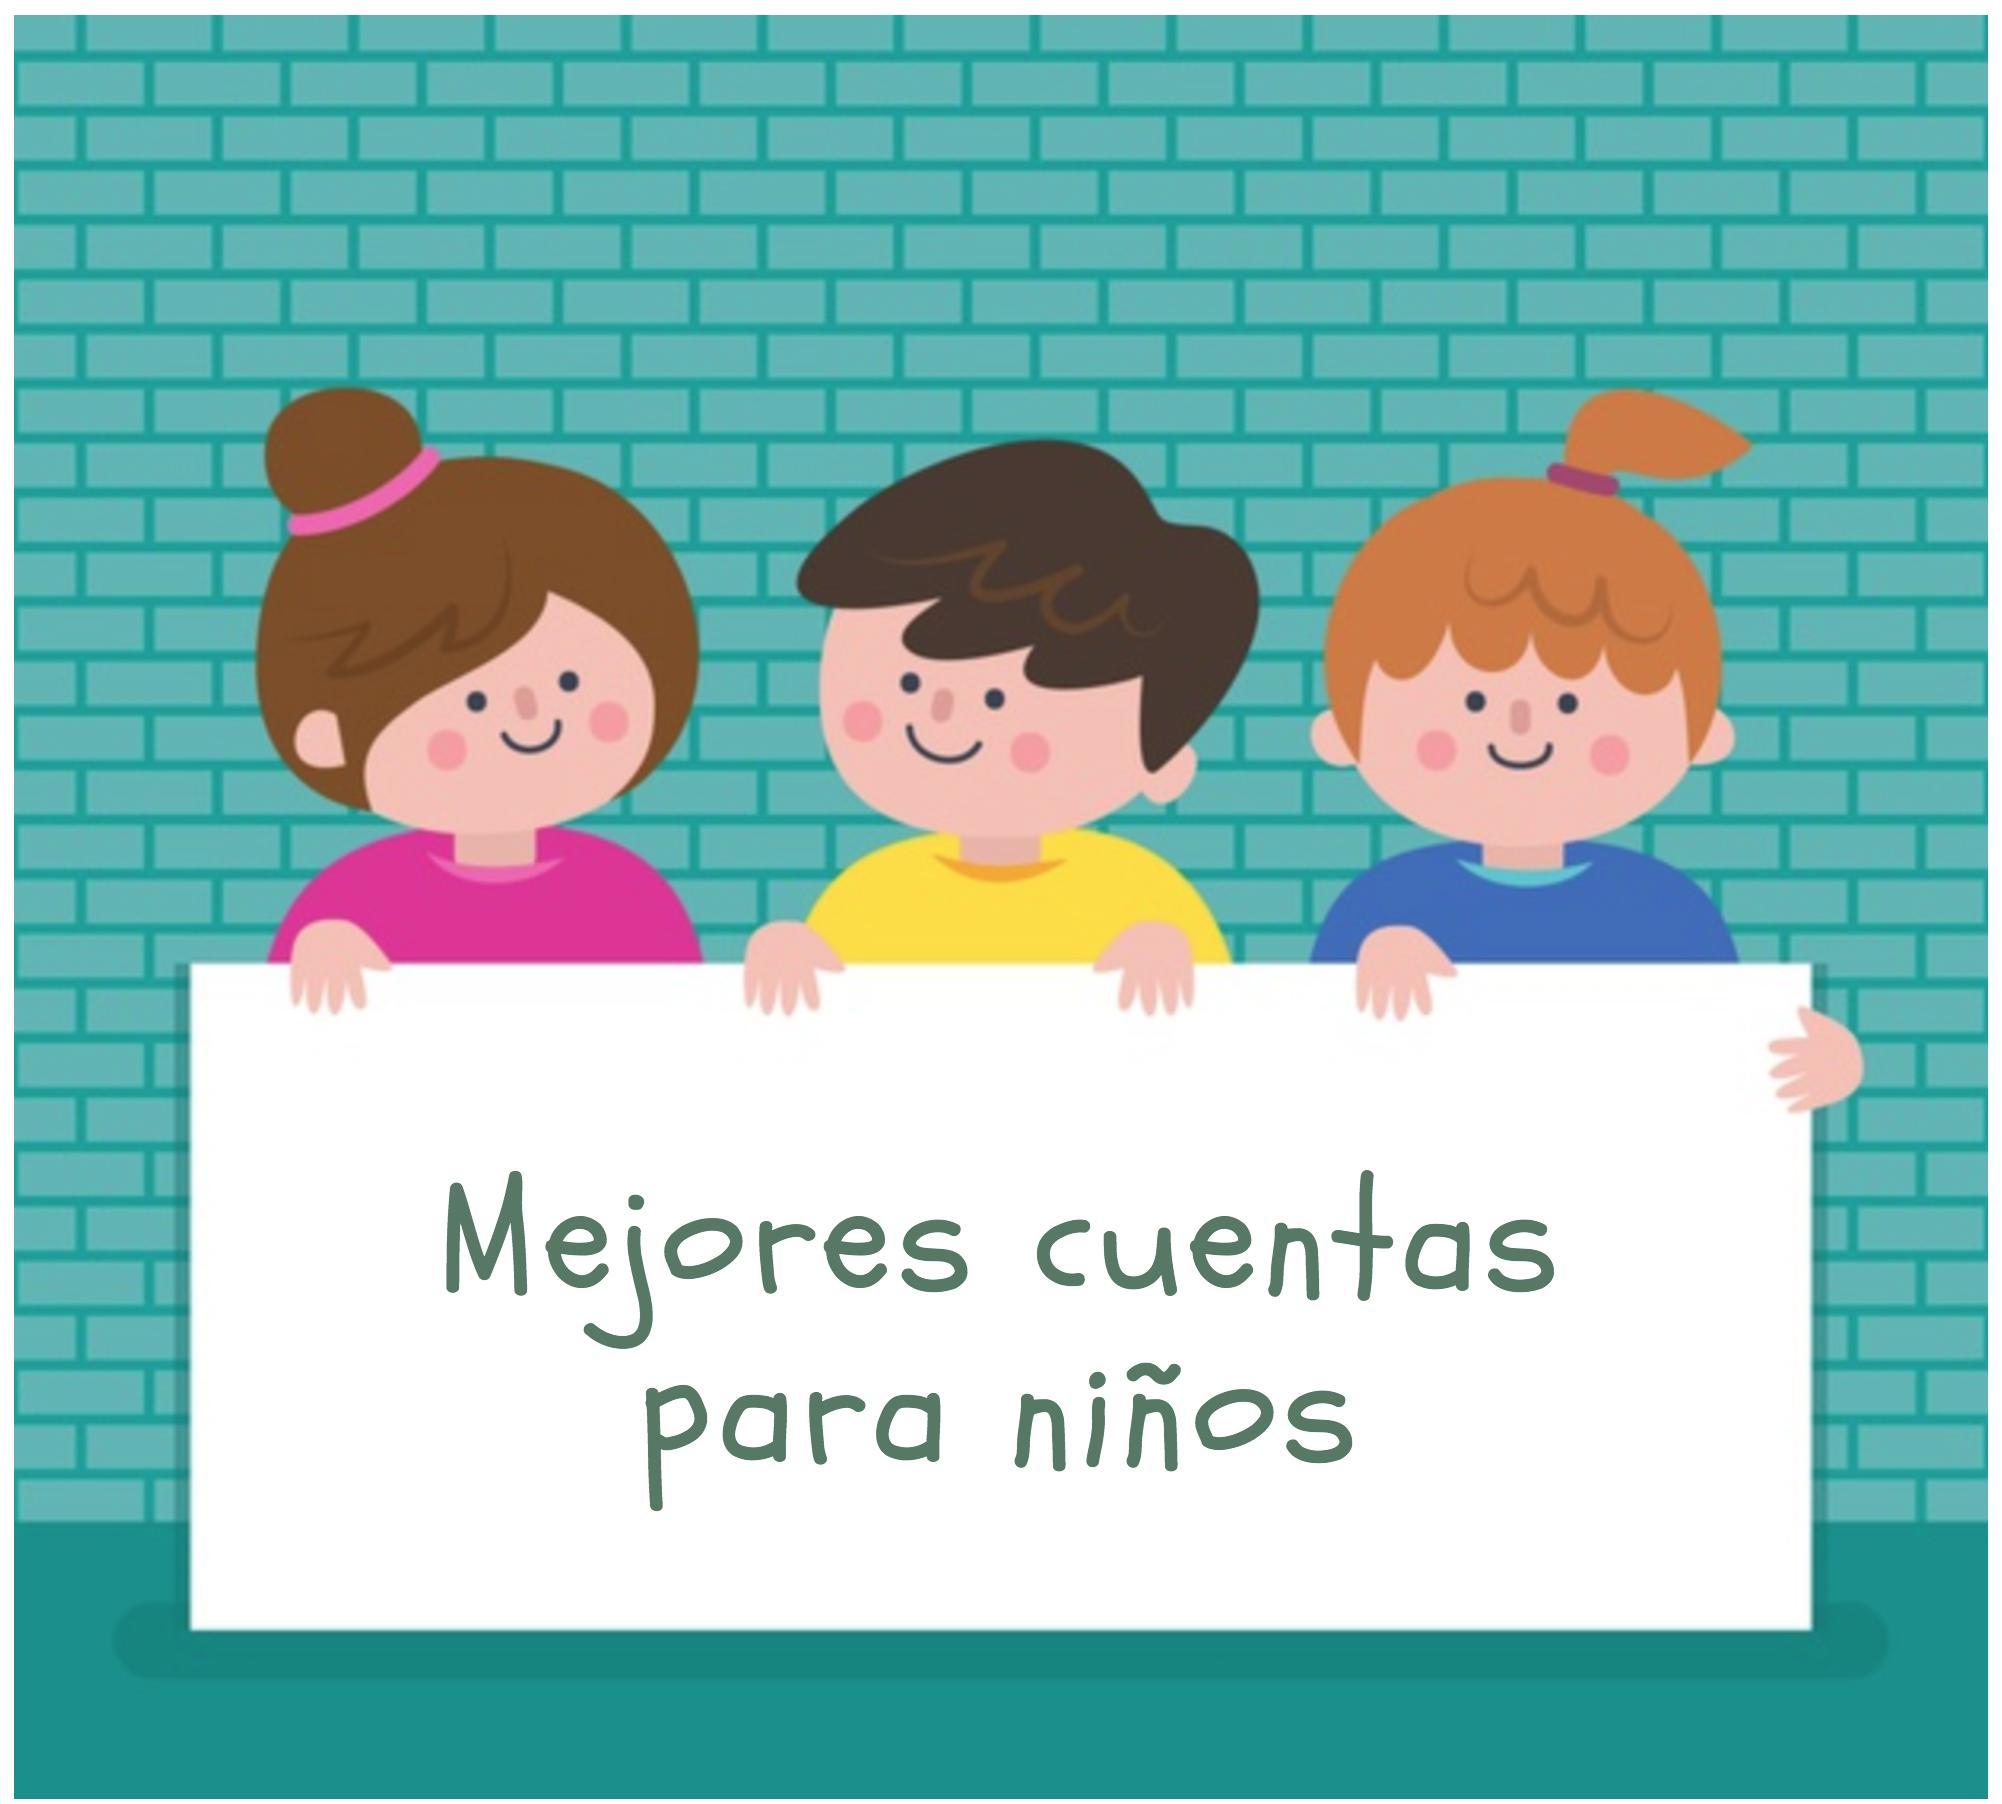 Mejores cuentas para niños 2019